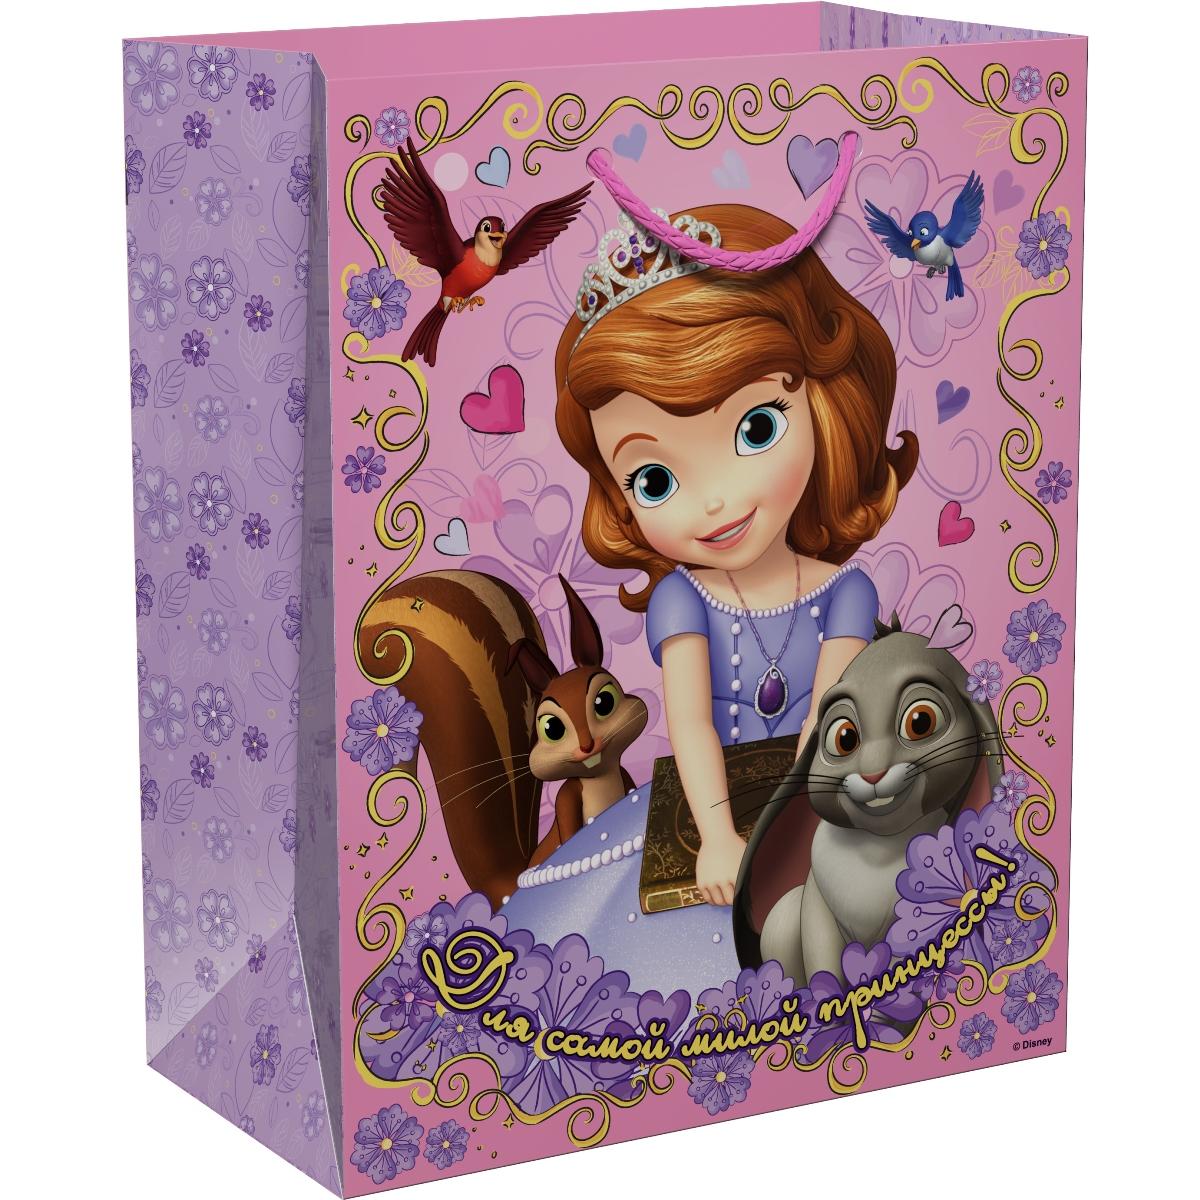 Disney София Прекрасная Пакет подарочный Для принцессы 23 х 18 х 10 см -  Подарочная упаковка